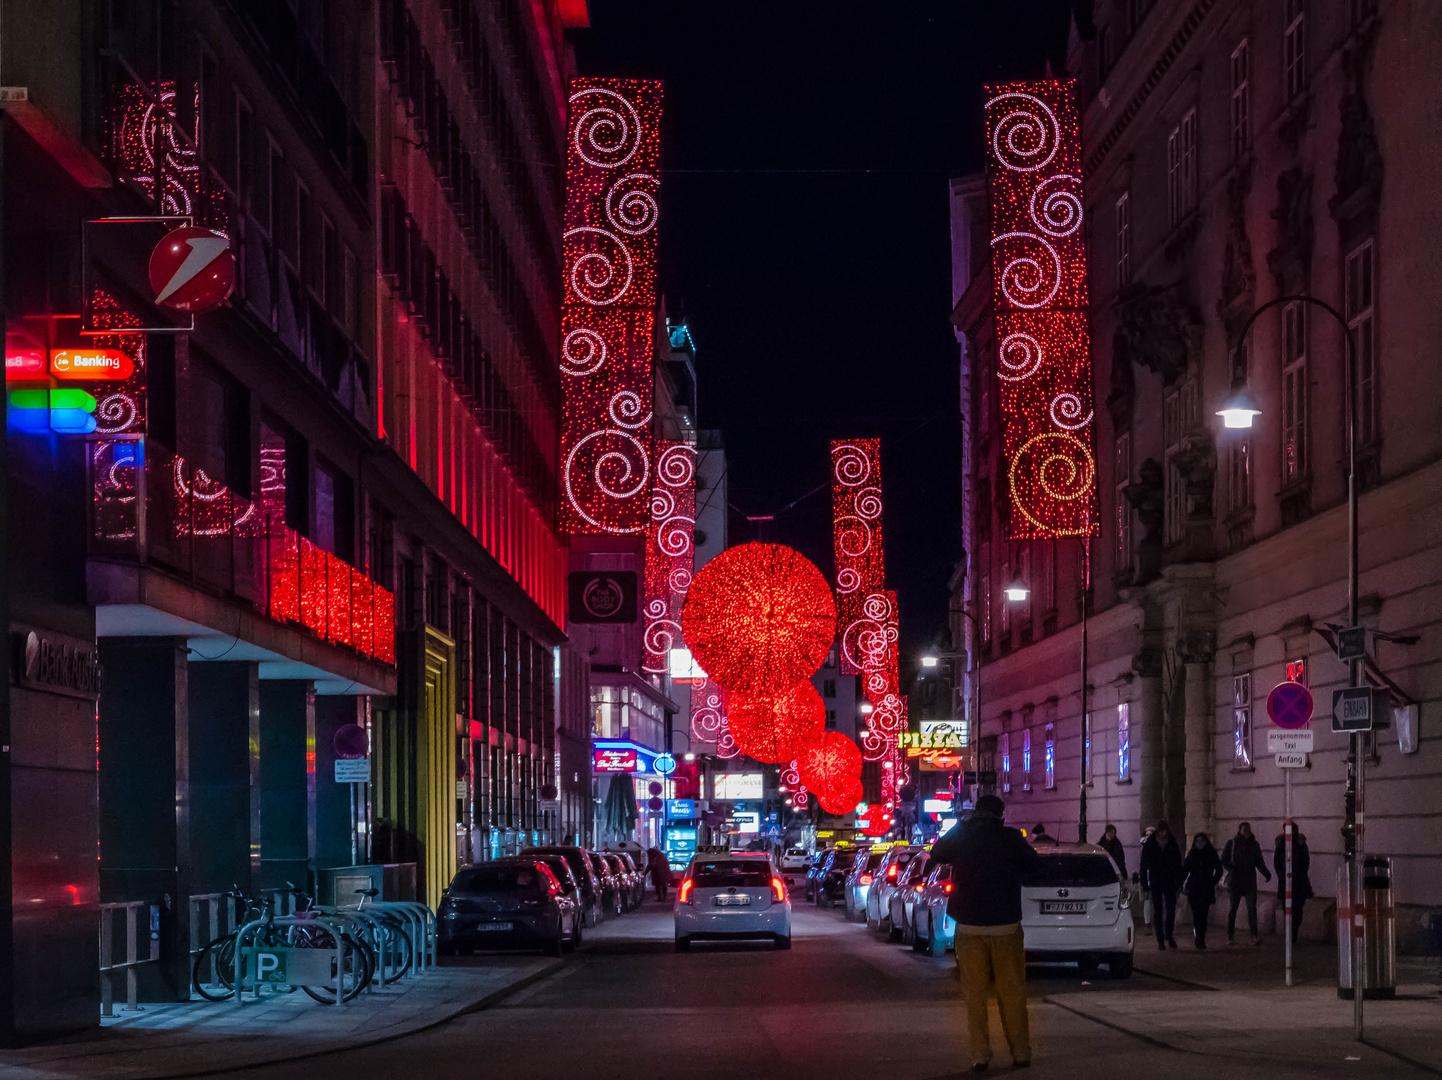 Außergewöhnliche Weihnachtsbeleuchtung.In Den Straßen Von Wien 160 Foto Bild World Nachtaufnahme